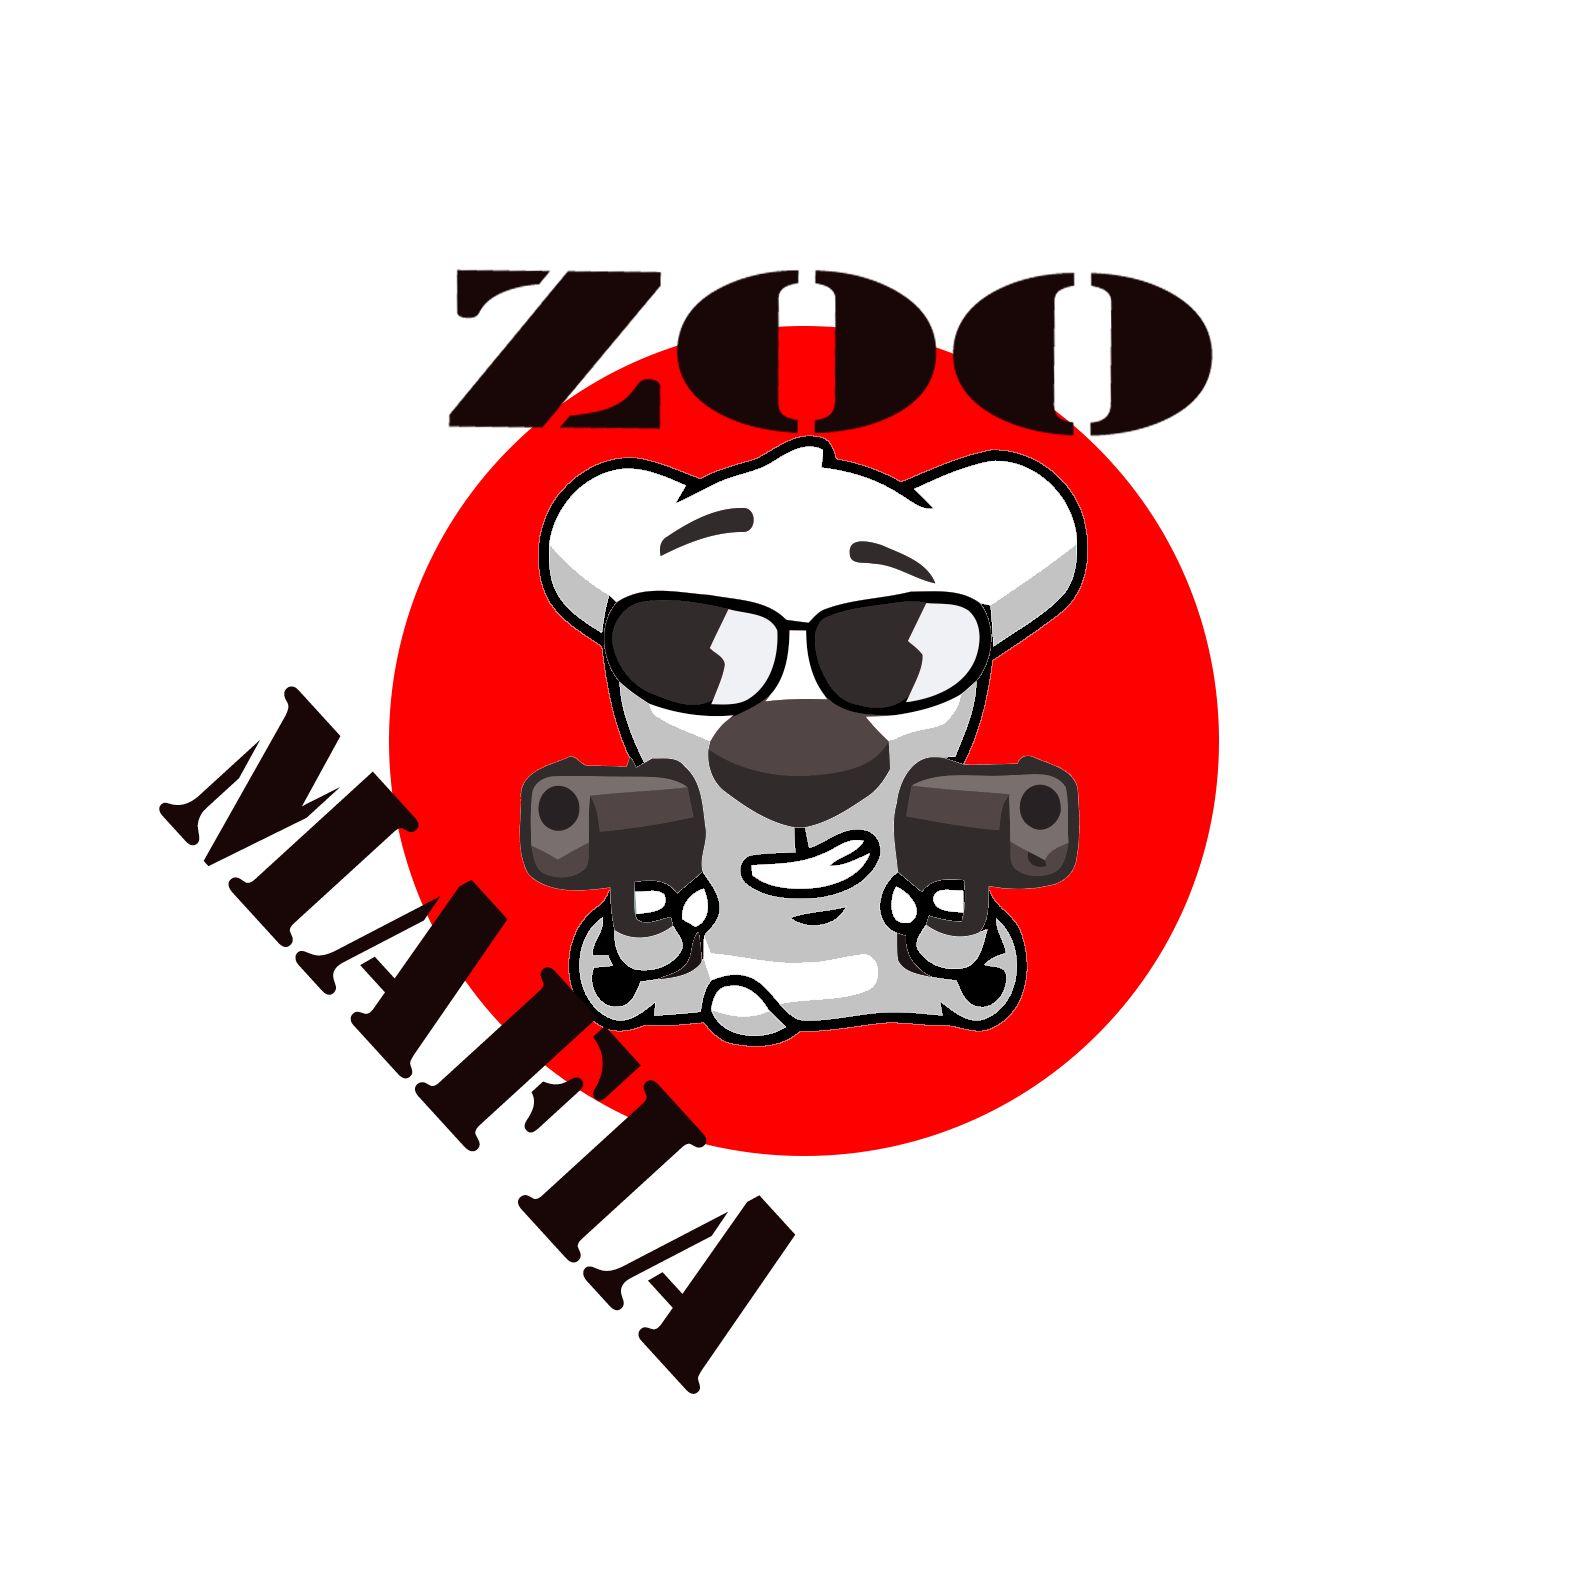 Логотип для интернет магазина зоотоваров - дизайнер wingmik